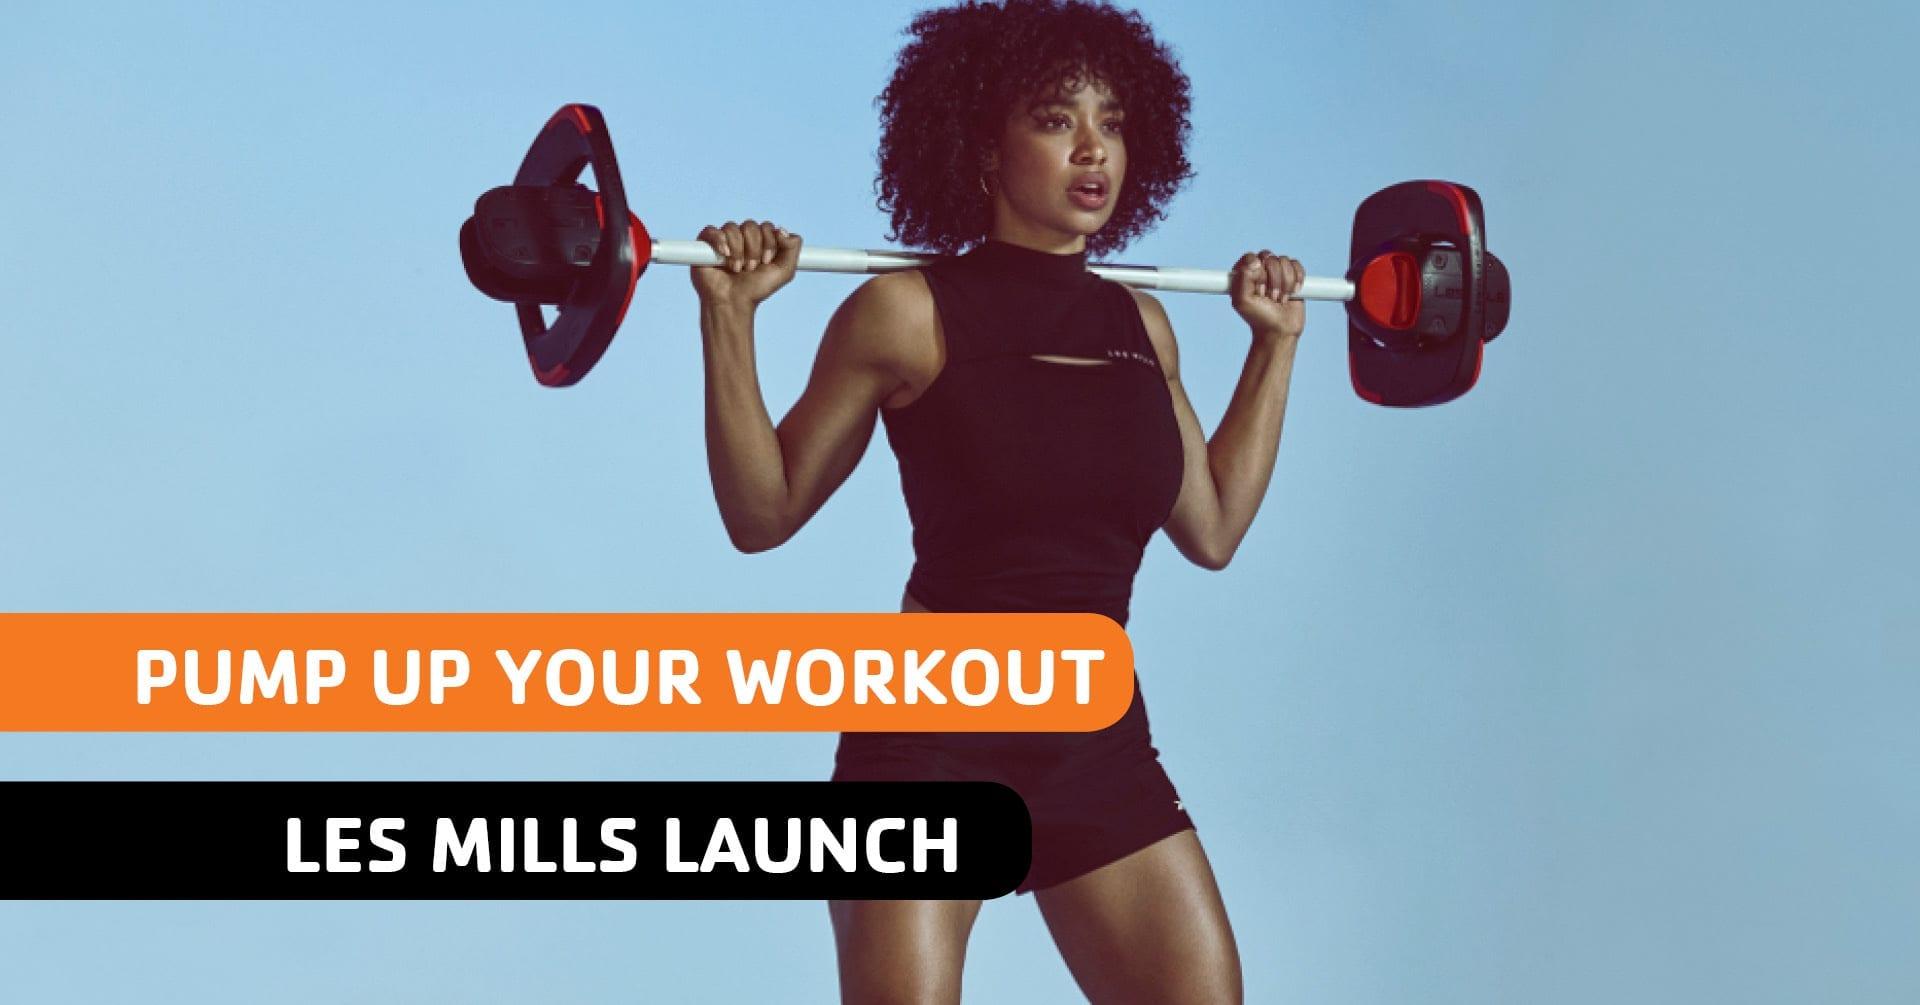 Les Mills Launch